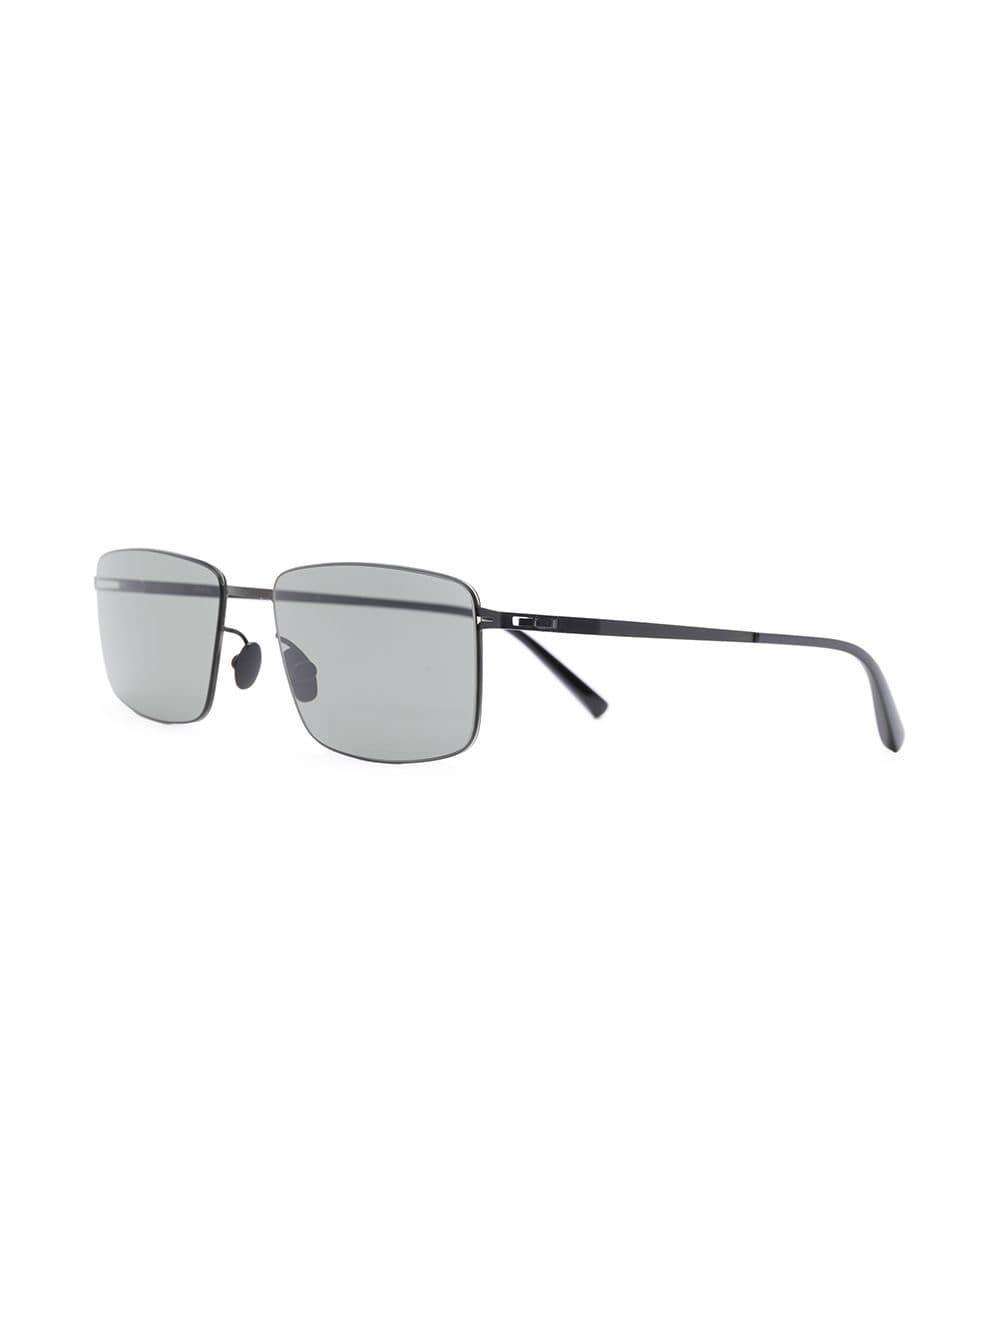 c08260b8b1c4 Mykita Kaito Sunglasses in Gray - Lyst